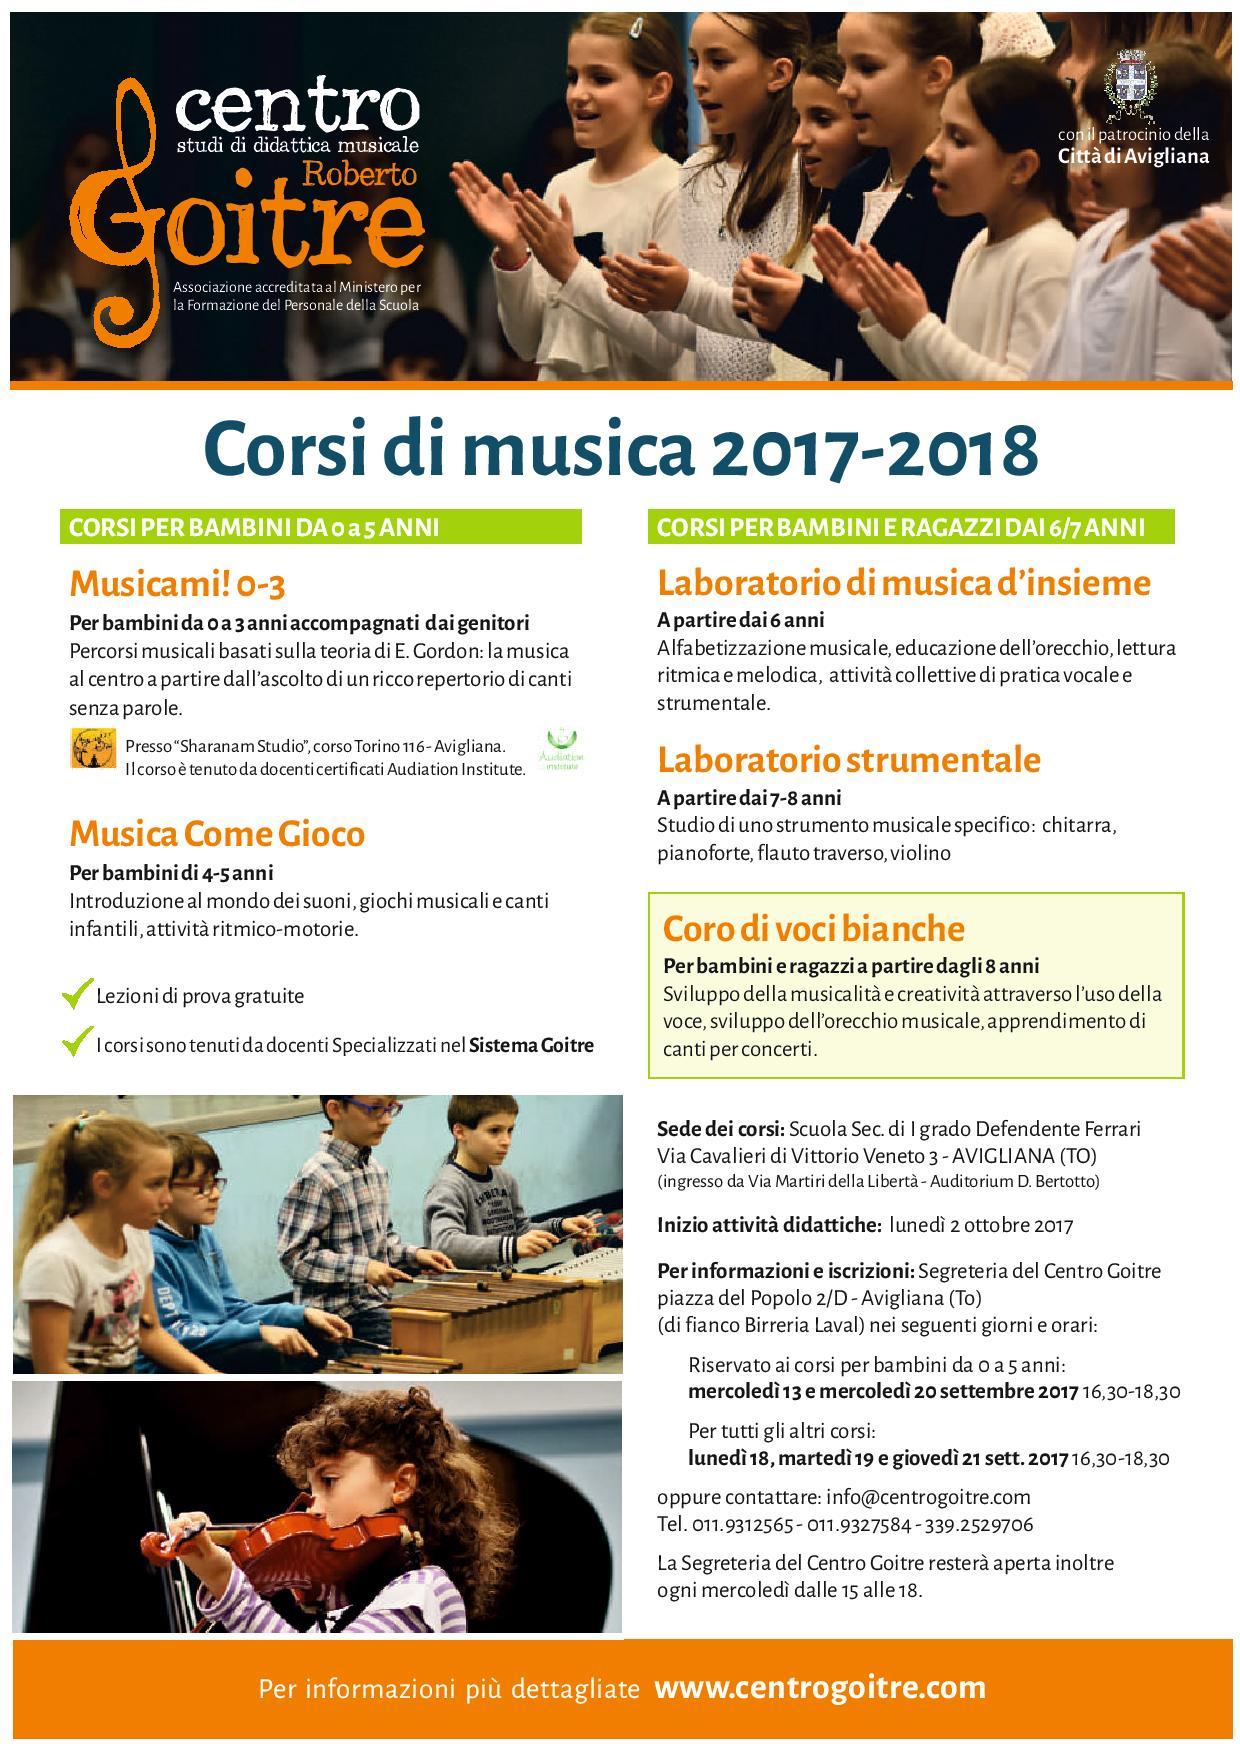 Locandina_Corsi di Musica Goitre_2017